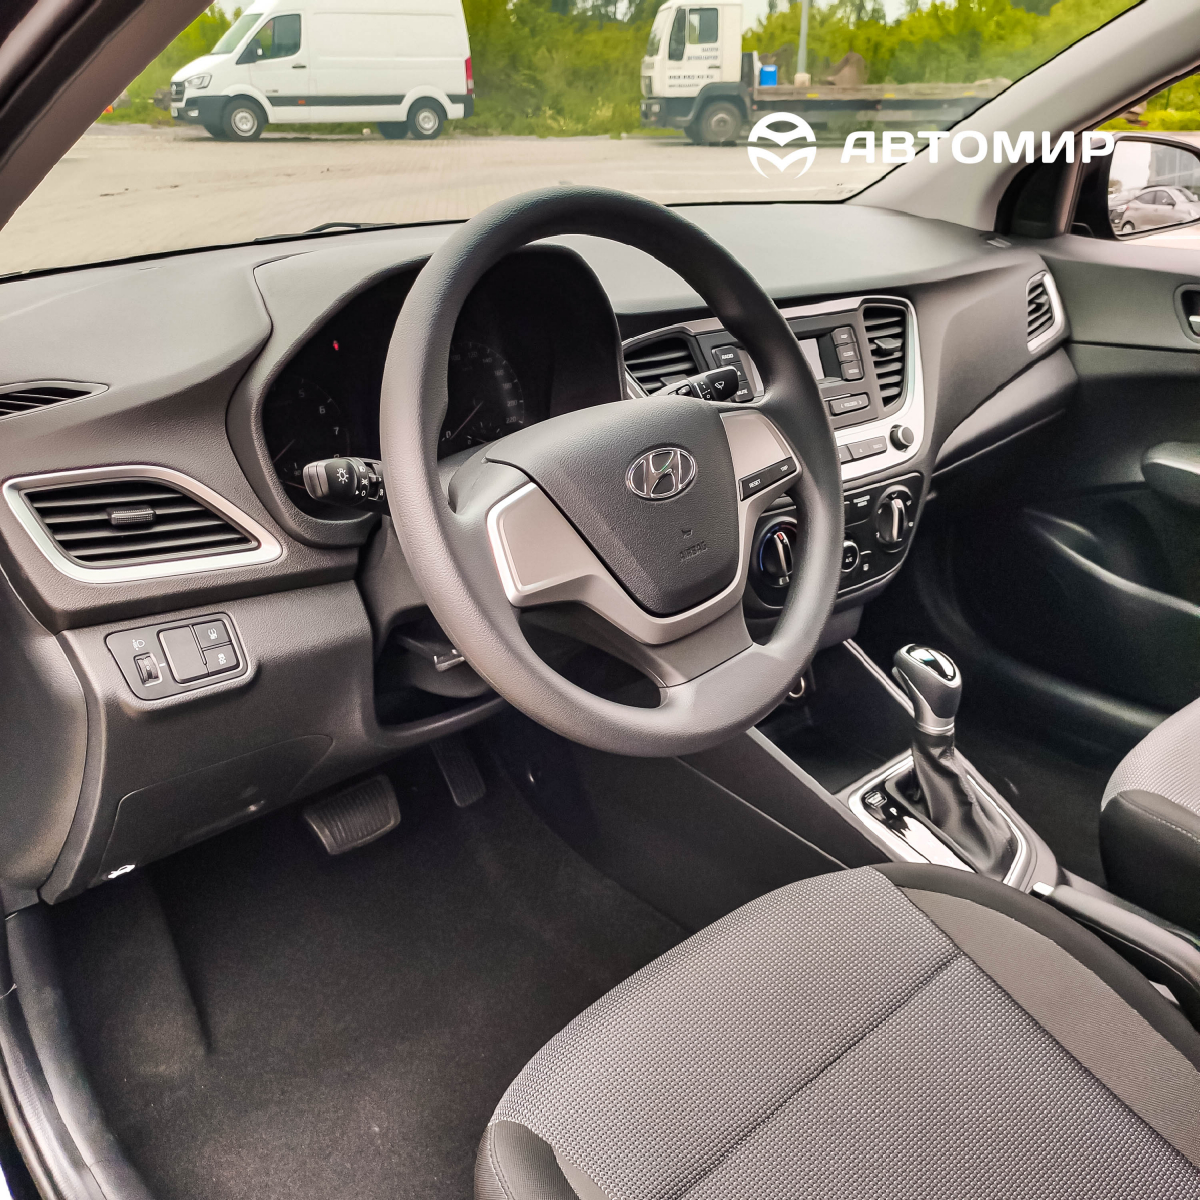 Hyundai стильний Accent вже в автосалоні! | Хюндай Мотор Україна - фото 17